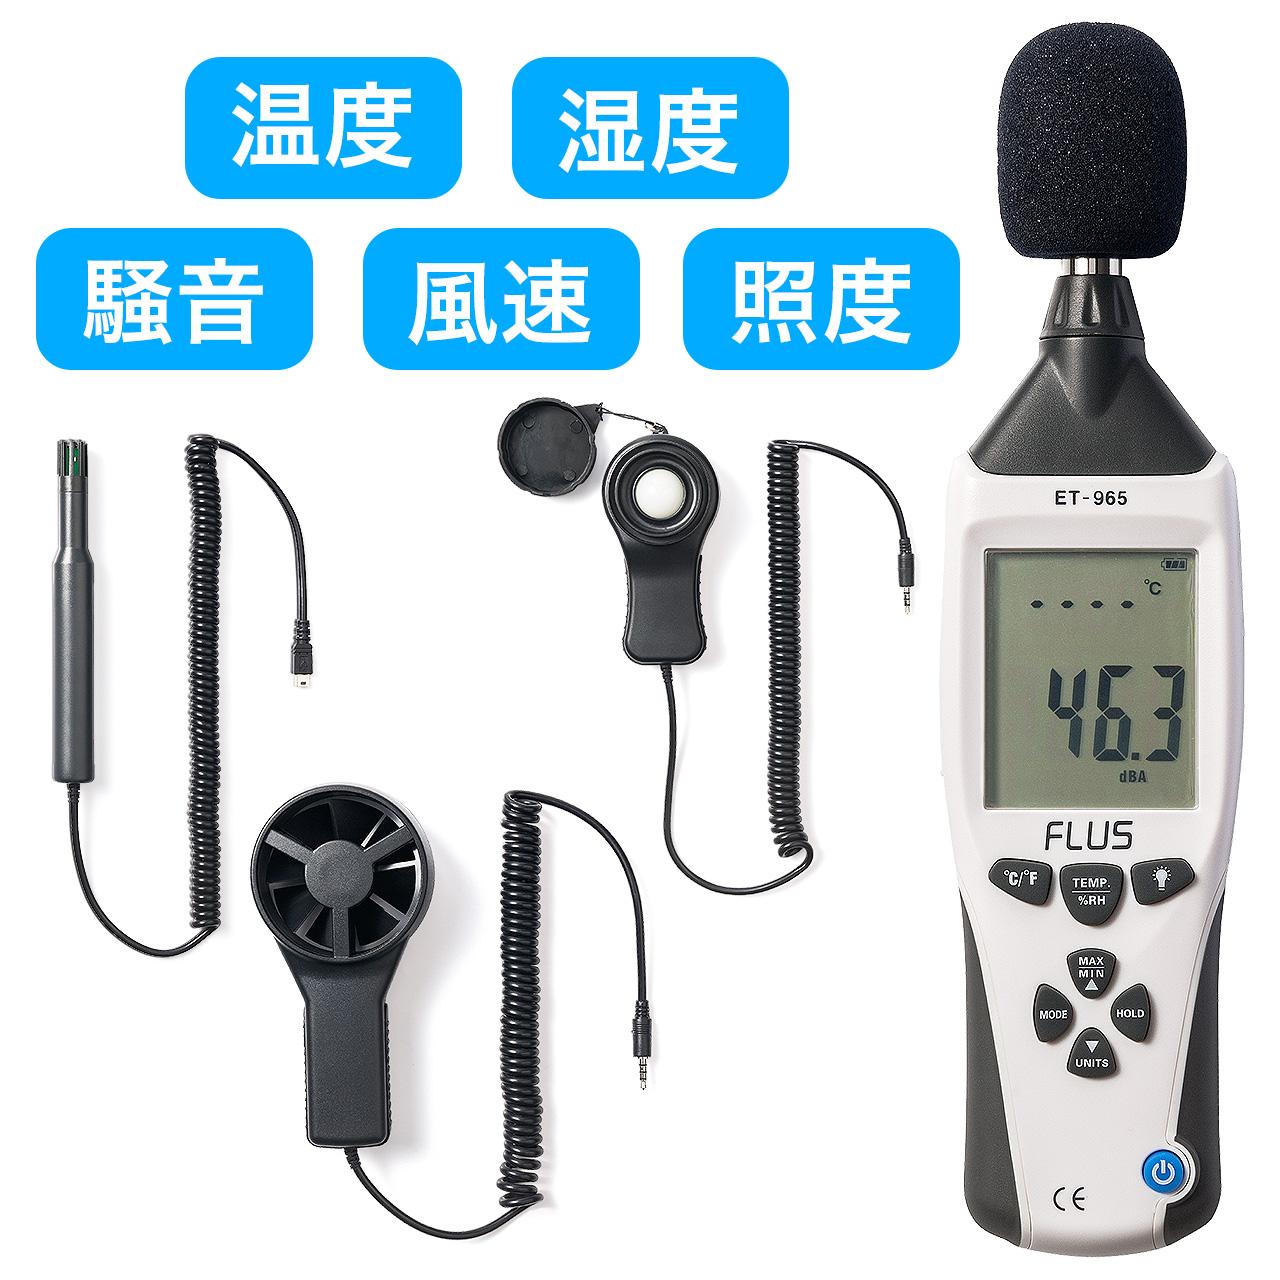 騒音計/温湿度計/照度計/風速計(1台5役マルチ測定器・電池駆動・専用ケース付) サンワダイレクト サンワサプライ 400-TST965